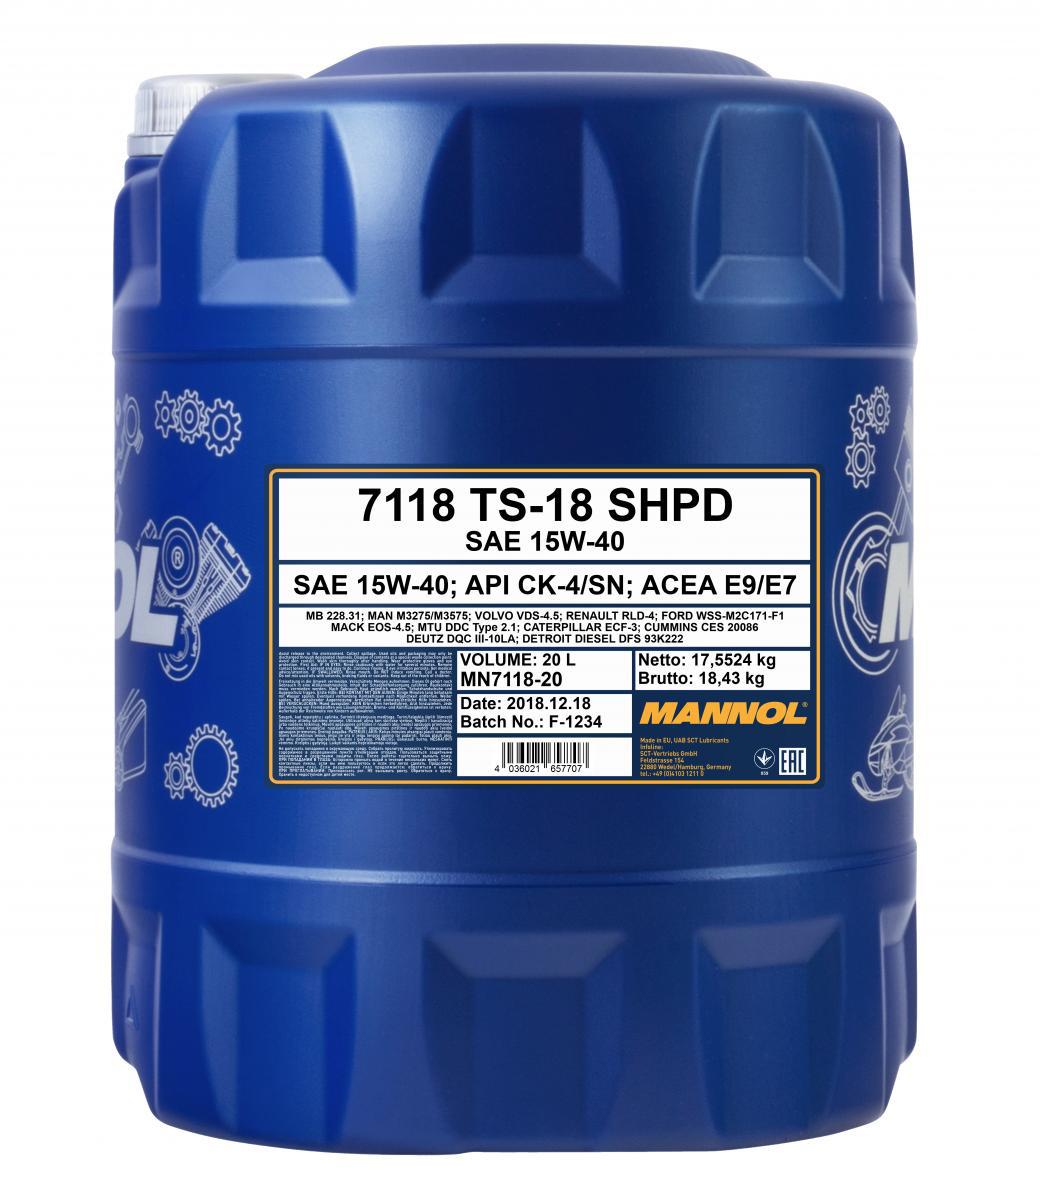 TS-18 SHPD 15W-40